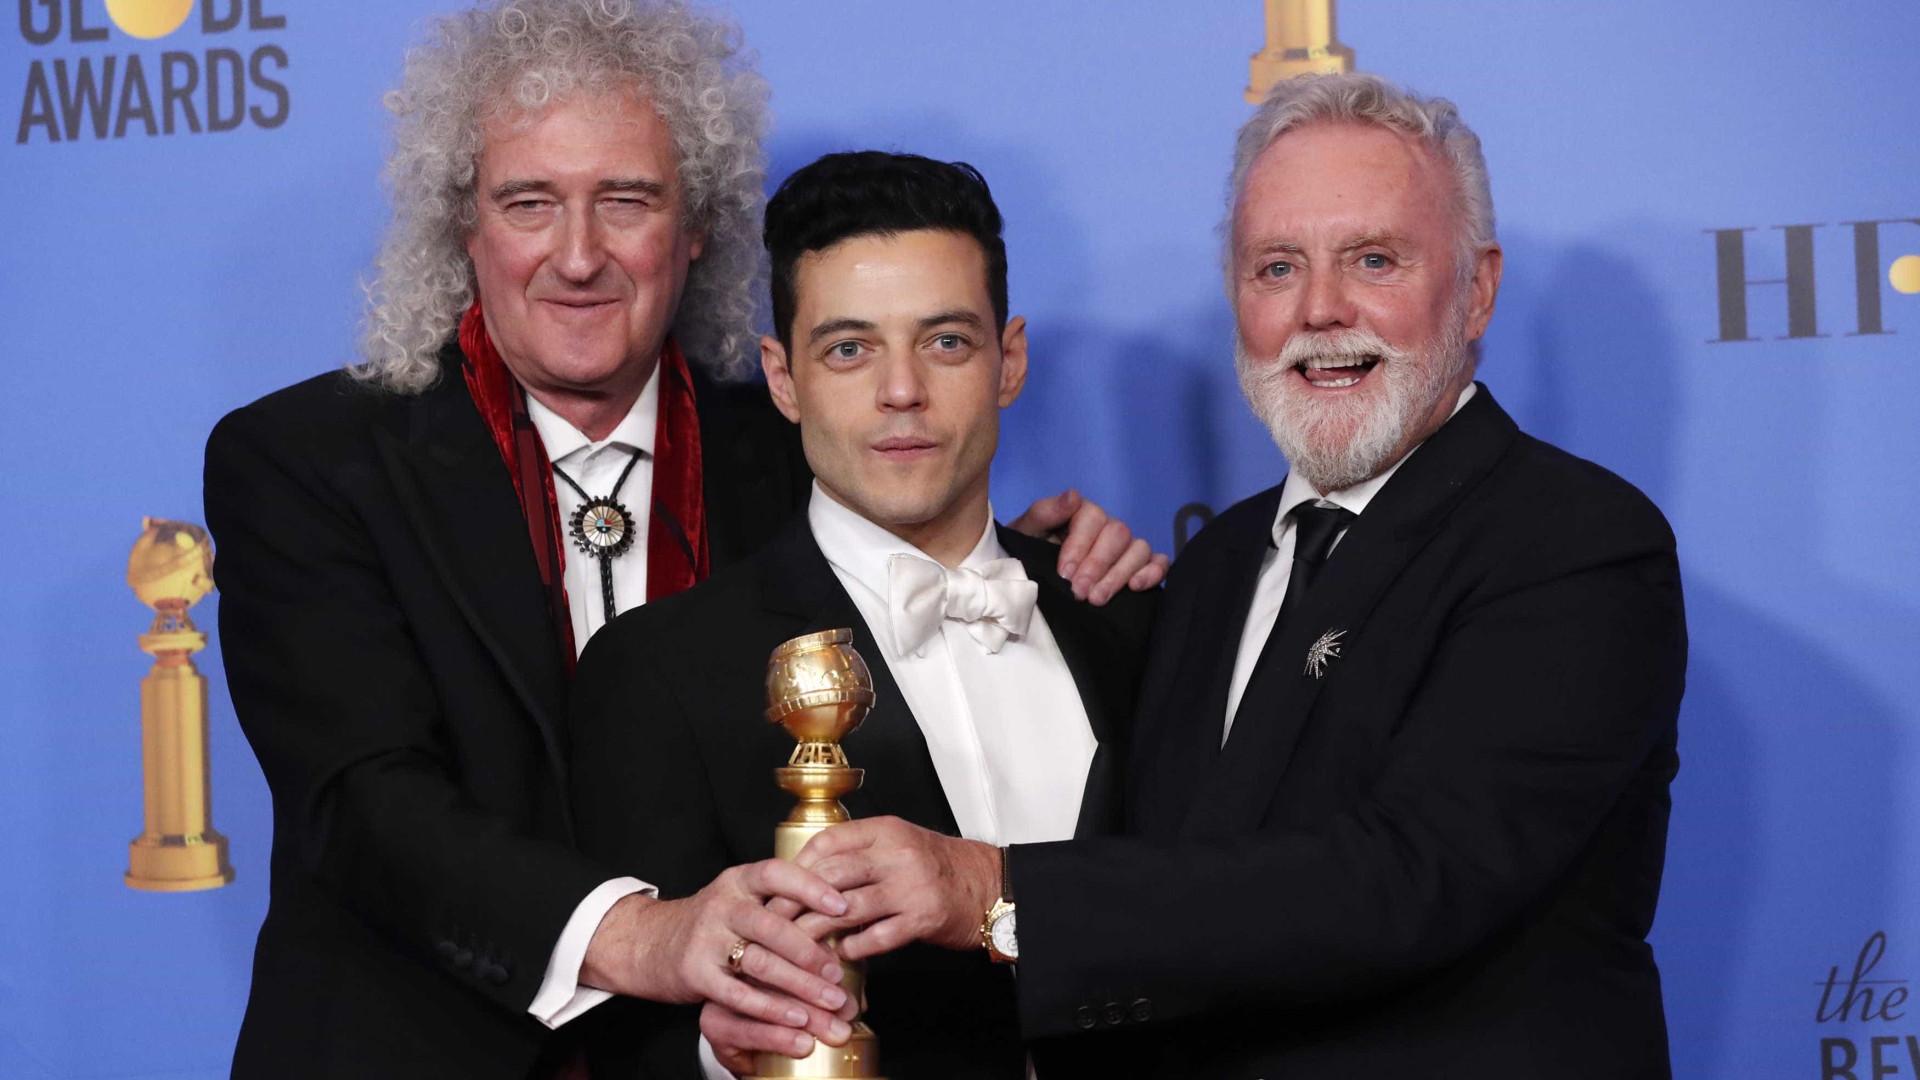 Globo de Ouro 2019: confira os vencedores do prêmio